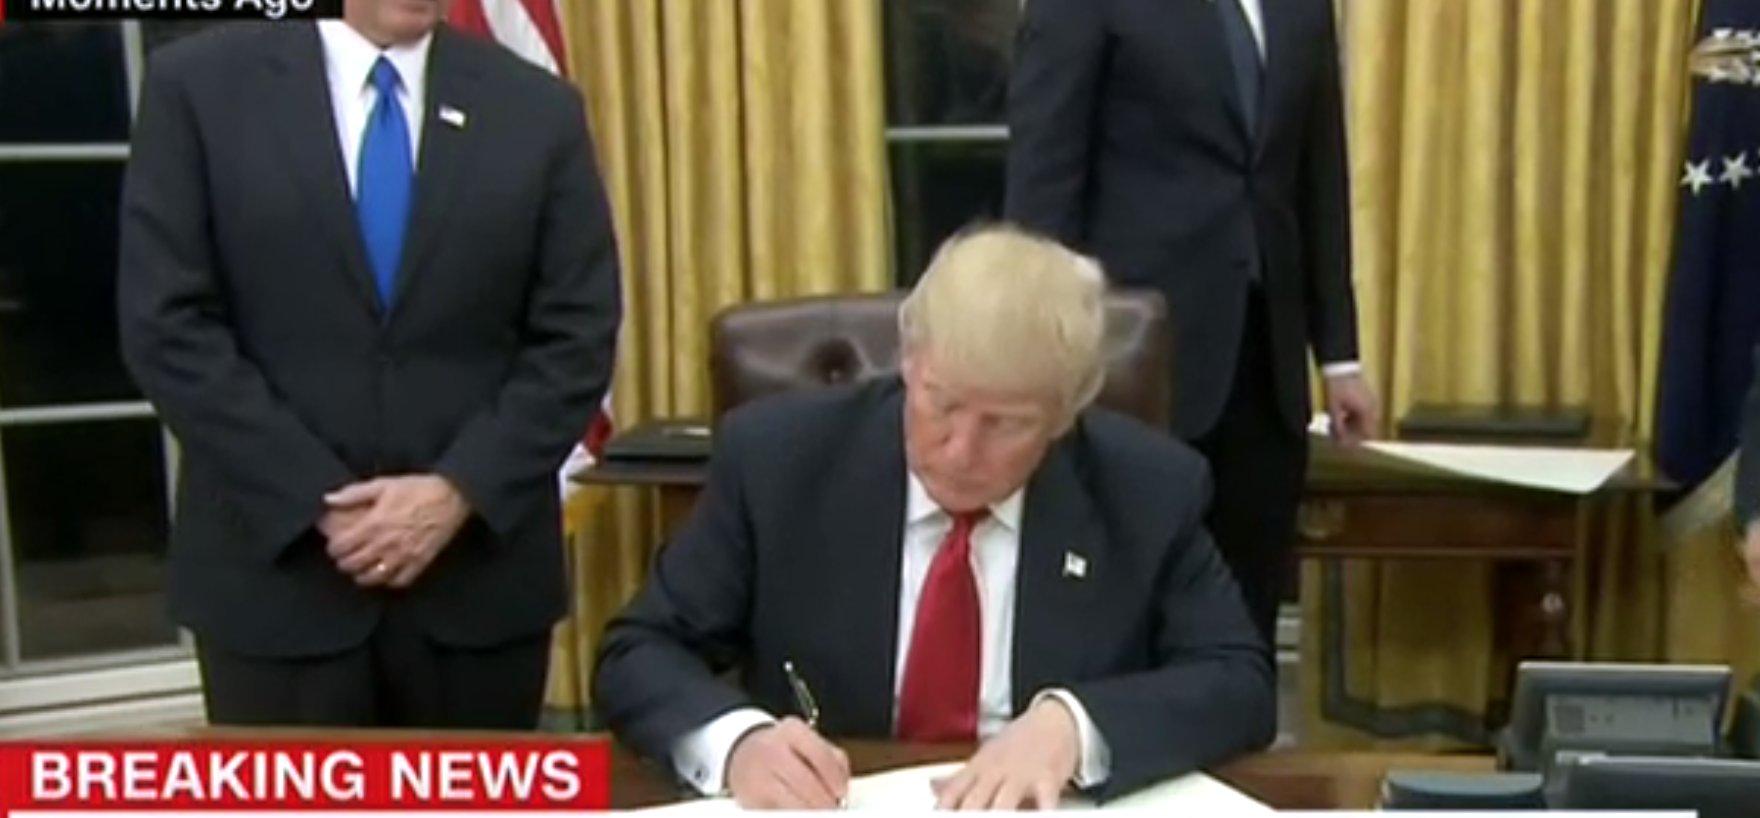 trump signs executive order ease burden obamacare